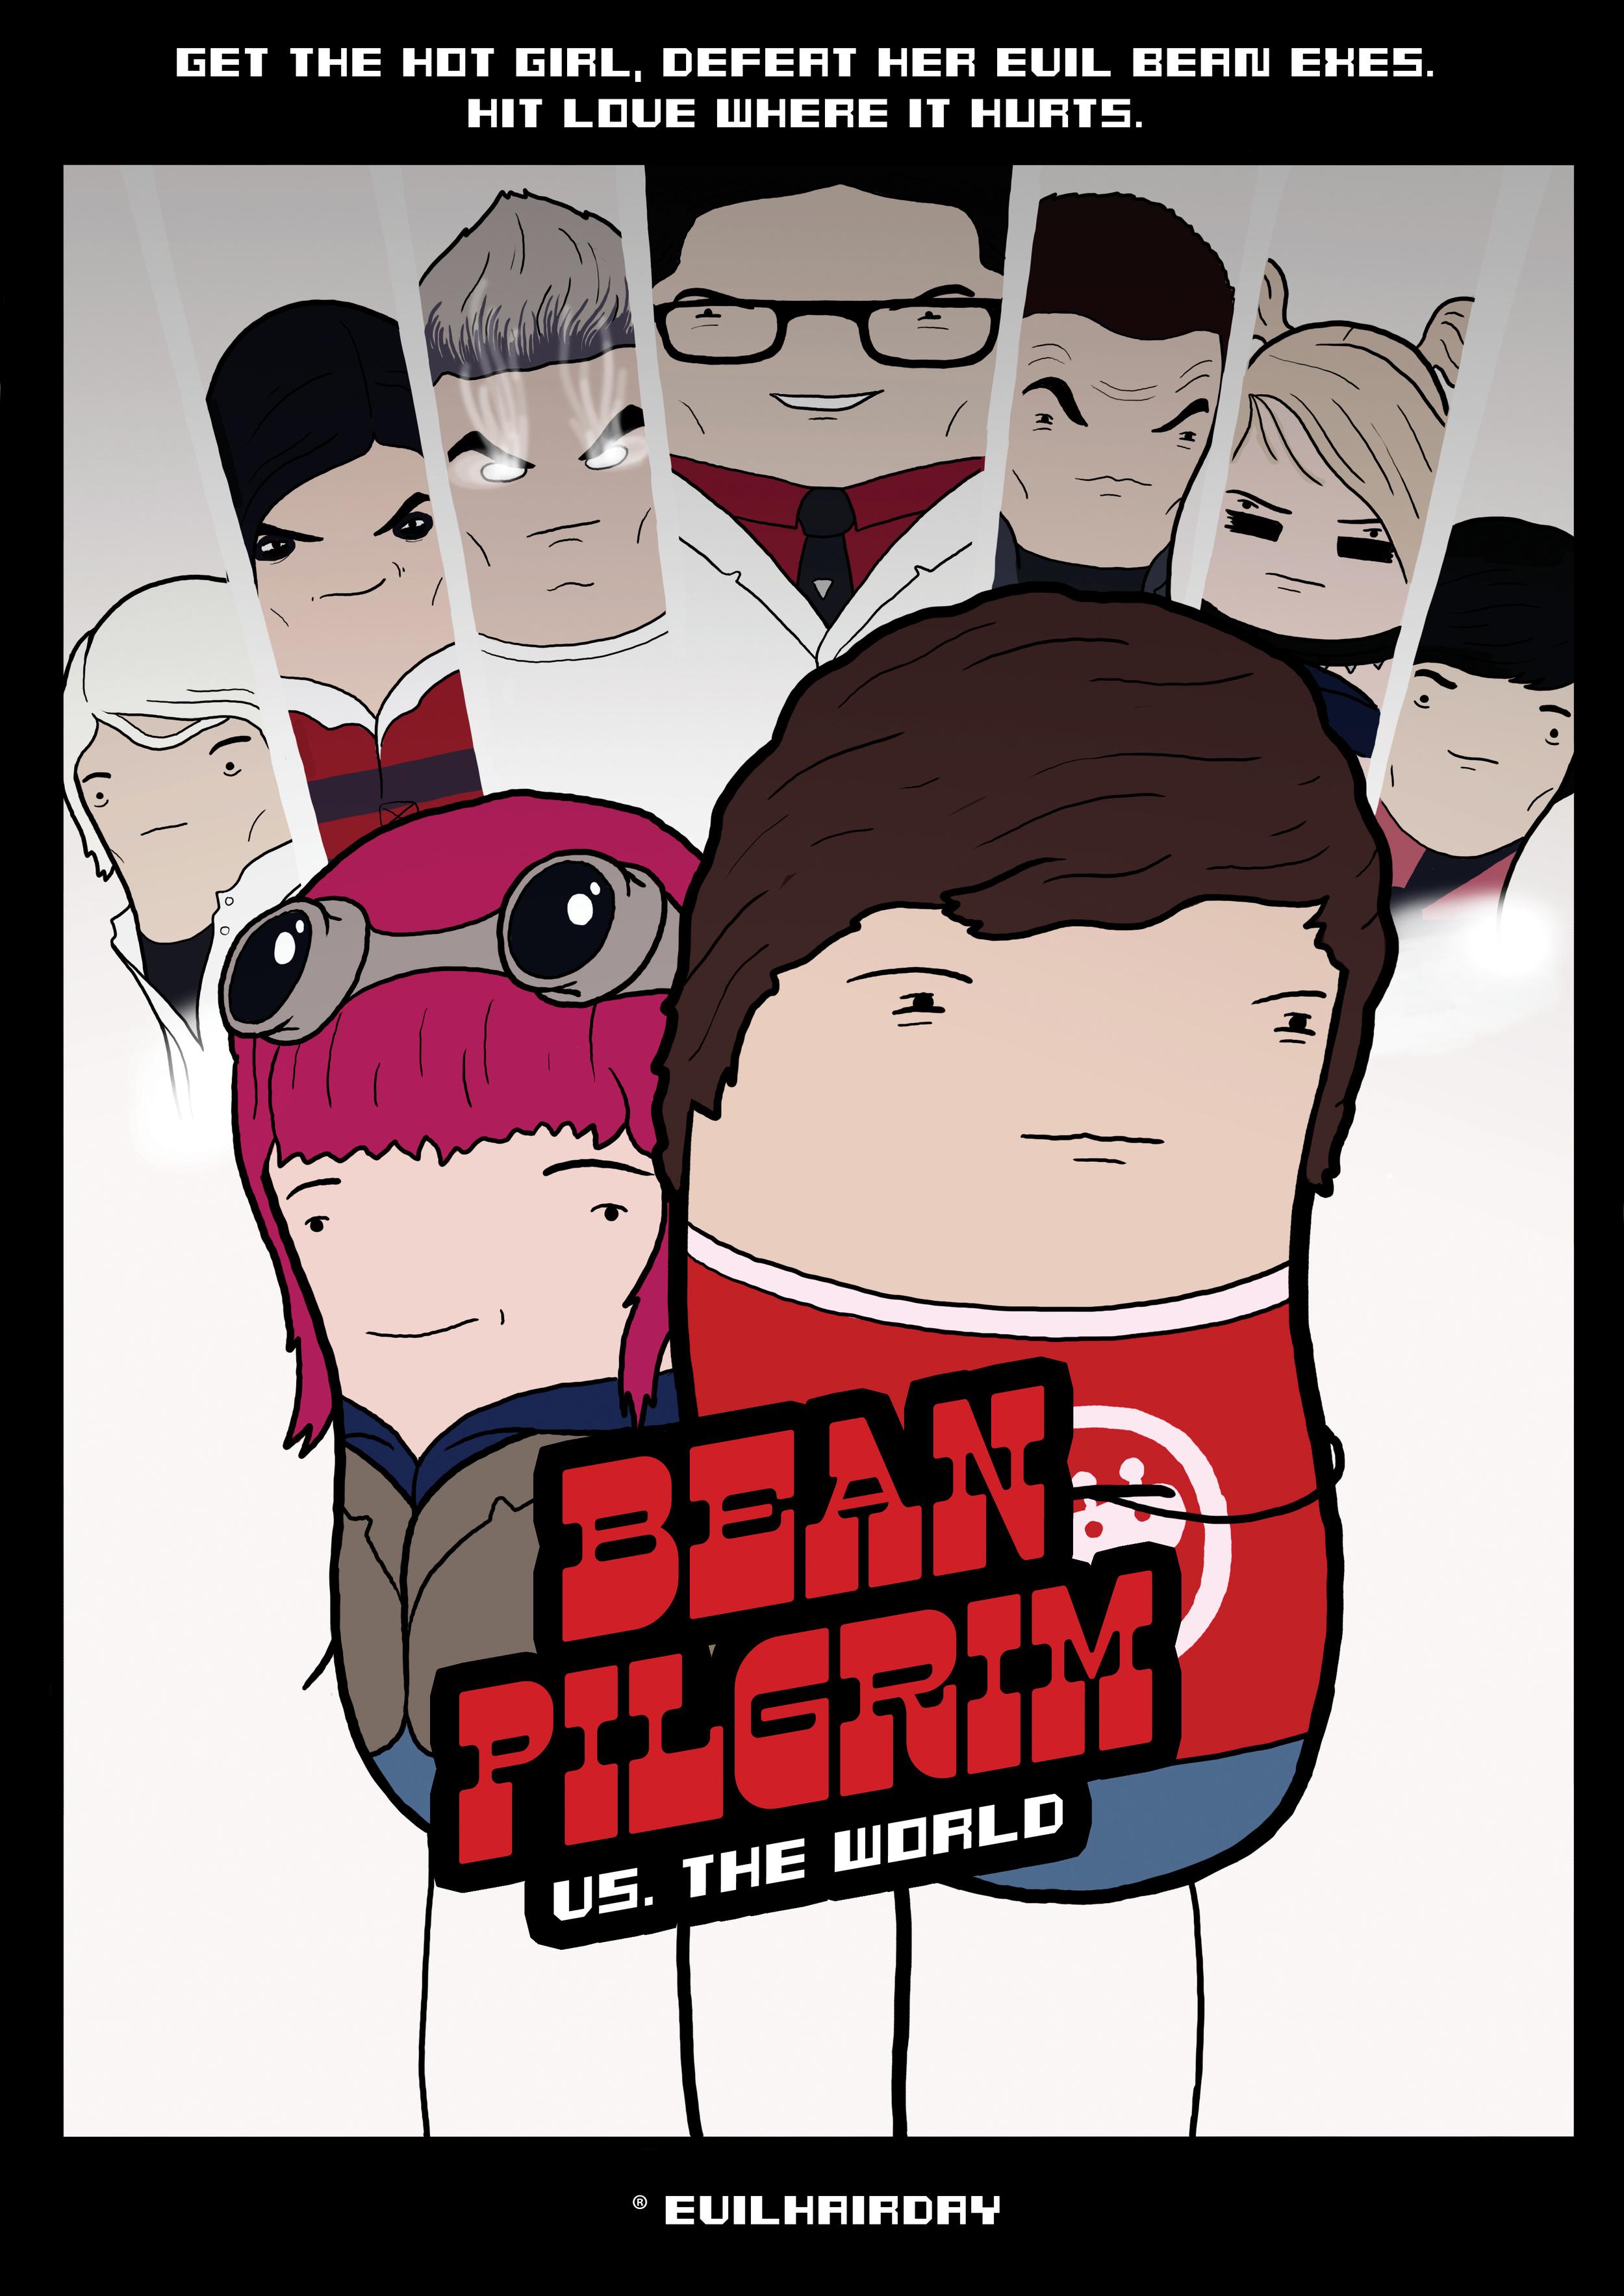 bean pilgrim vs the world.jpg